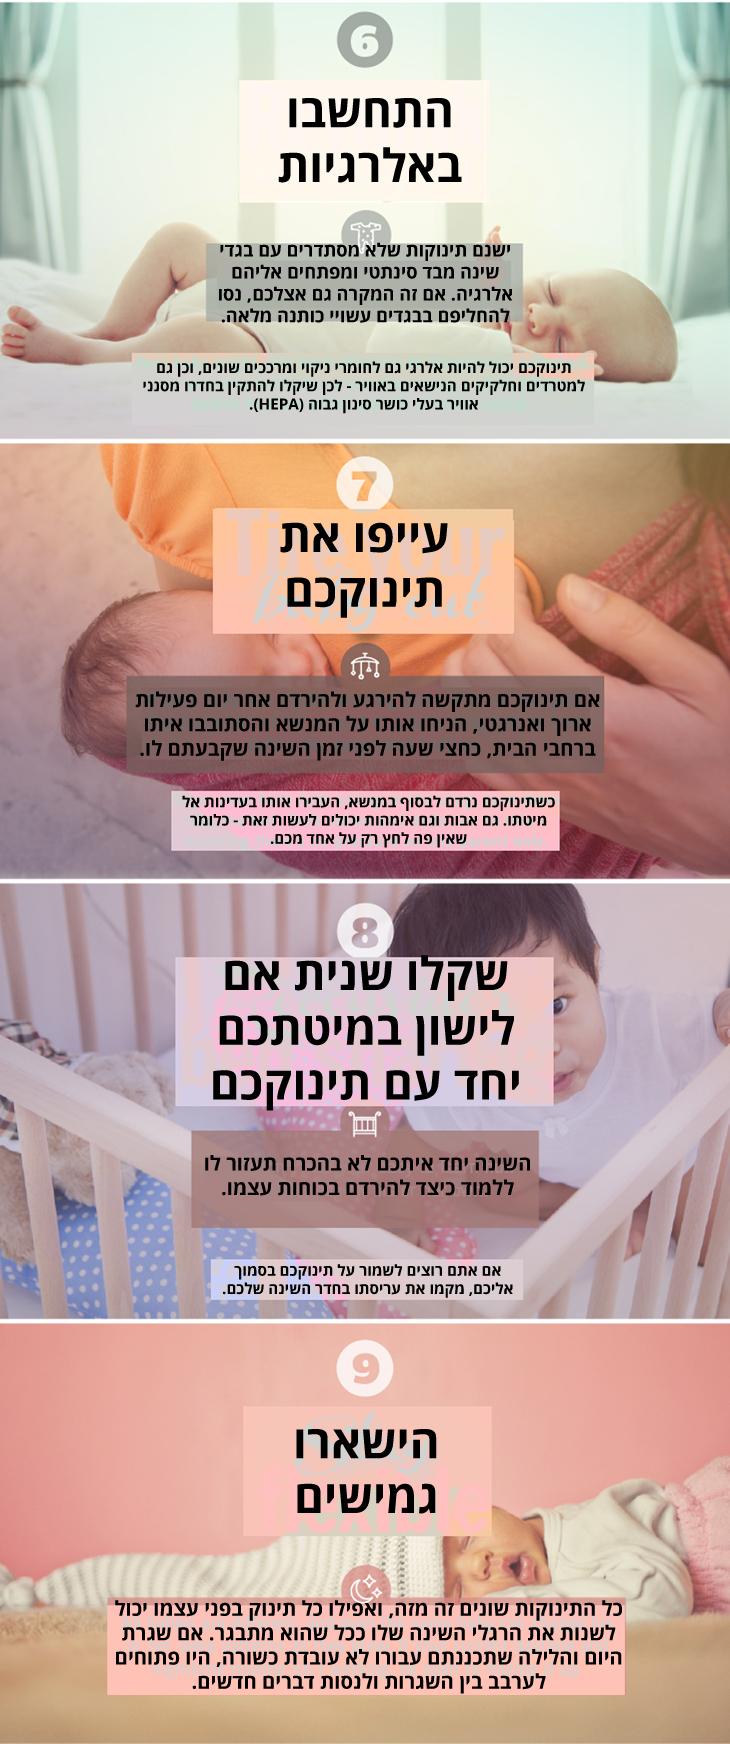 טיפים להרדמת תינוק: